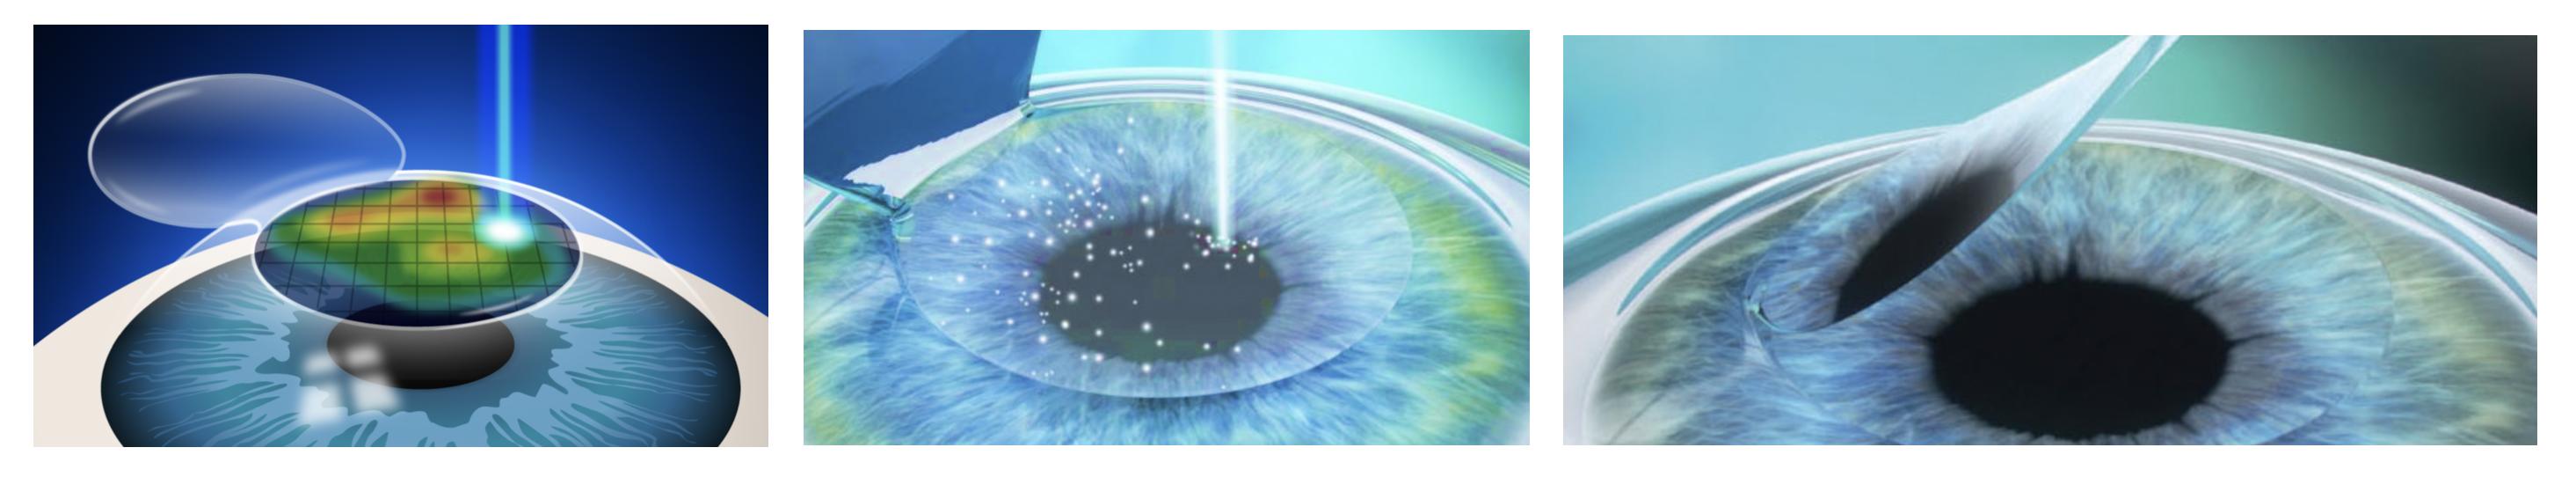 Le SMILE ou «Small incision lenticule extraction» c'est la technique la plus récente utilisée depuis 2004 où le volume tissulaire n'est plus pulvérisé à l'aide du laser EXCIMER mais retiré physiquement sous la forme d'un petit lenticule intra-stromal réalisé par un laser femtoseconde. Ce laser va donc créer une solution de continuité antérieure et postérieure, le lenticule ainsi créé a un volume correspondant à l'amétropie à traiter, (à l'heure actuelle seulement la myopie et l'astigmatisme sont susceptibles d'être corrigés par cette technique), et est retiré manuellement par l'opérateur par le biais d'une petite incision, elle aussi réalisée au laser femtoseconde. Cette technique est aussi réservée aux cornées «parfaites», avec une bonne épaisseur initiale, sans asymétrie, sans défaut biomécanique.